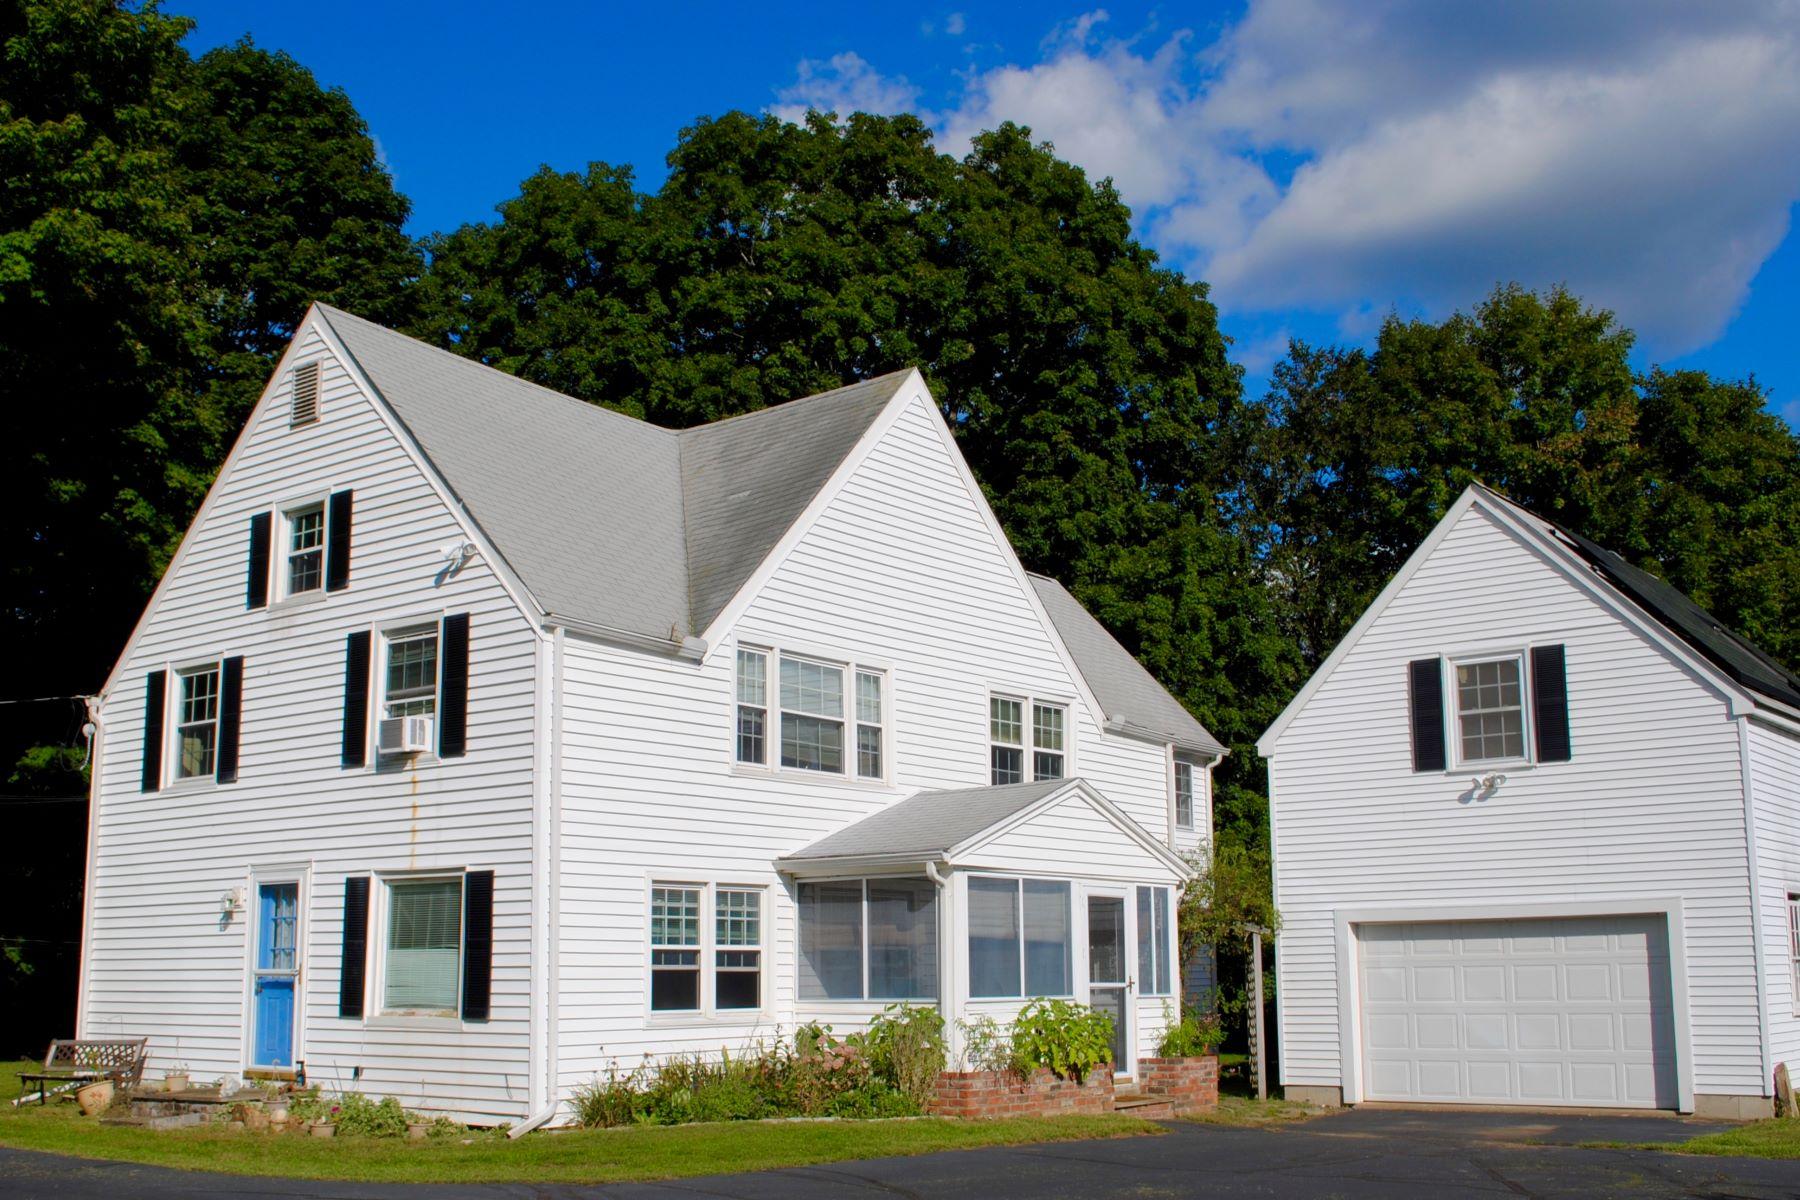 Частный односемейный дом для того Продажа на Vintage Home with Many Possibilities! 83 Westside Road Woodbury, Коннектикут 06798 Соединенные Штаты